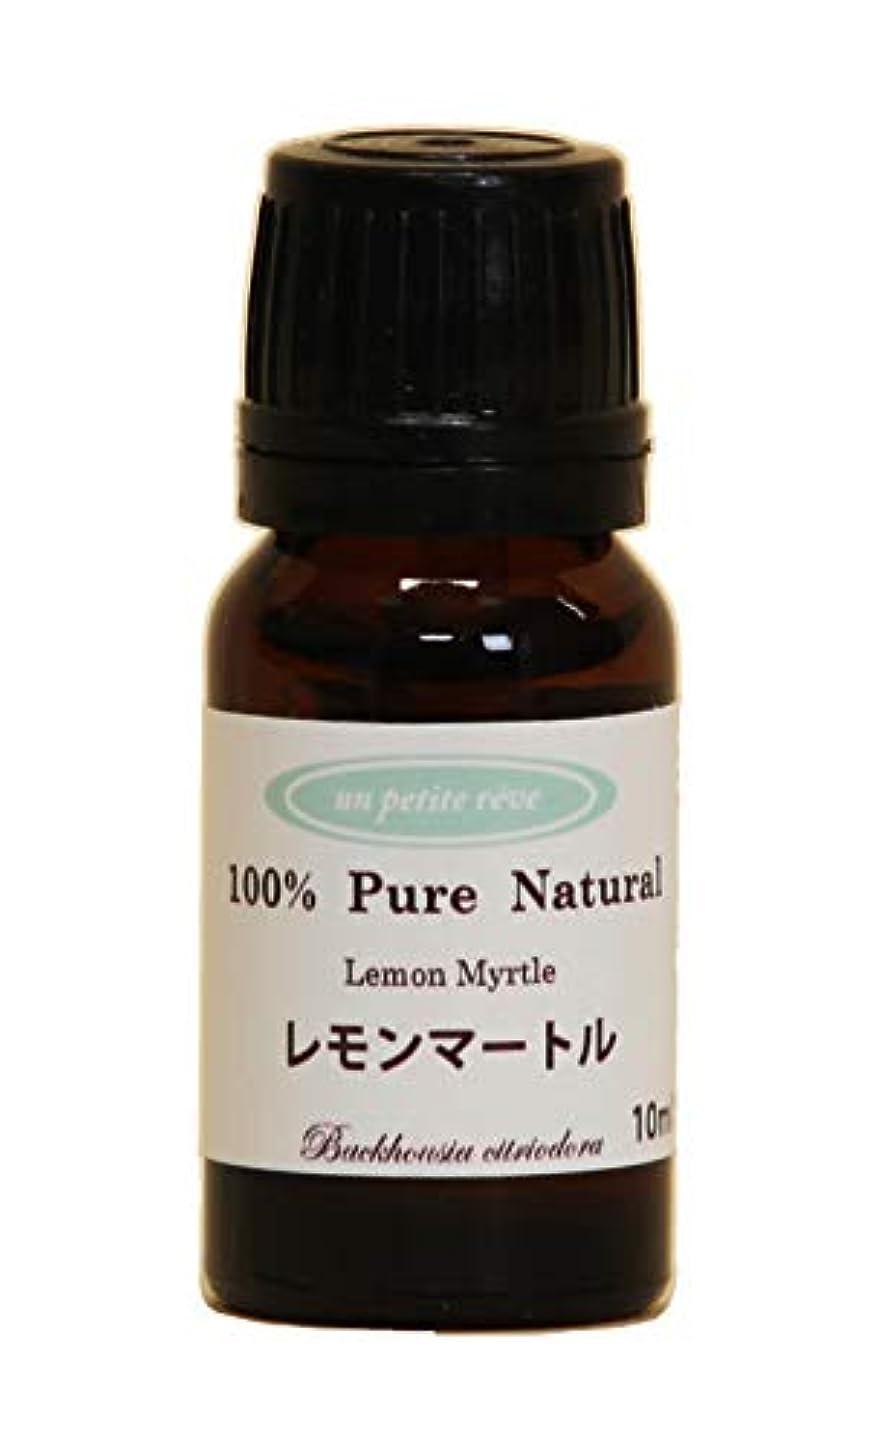 バーター哀れな正しいレモンマートル 10ml 100%天然アロマエッセンシャルオイル(精油)